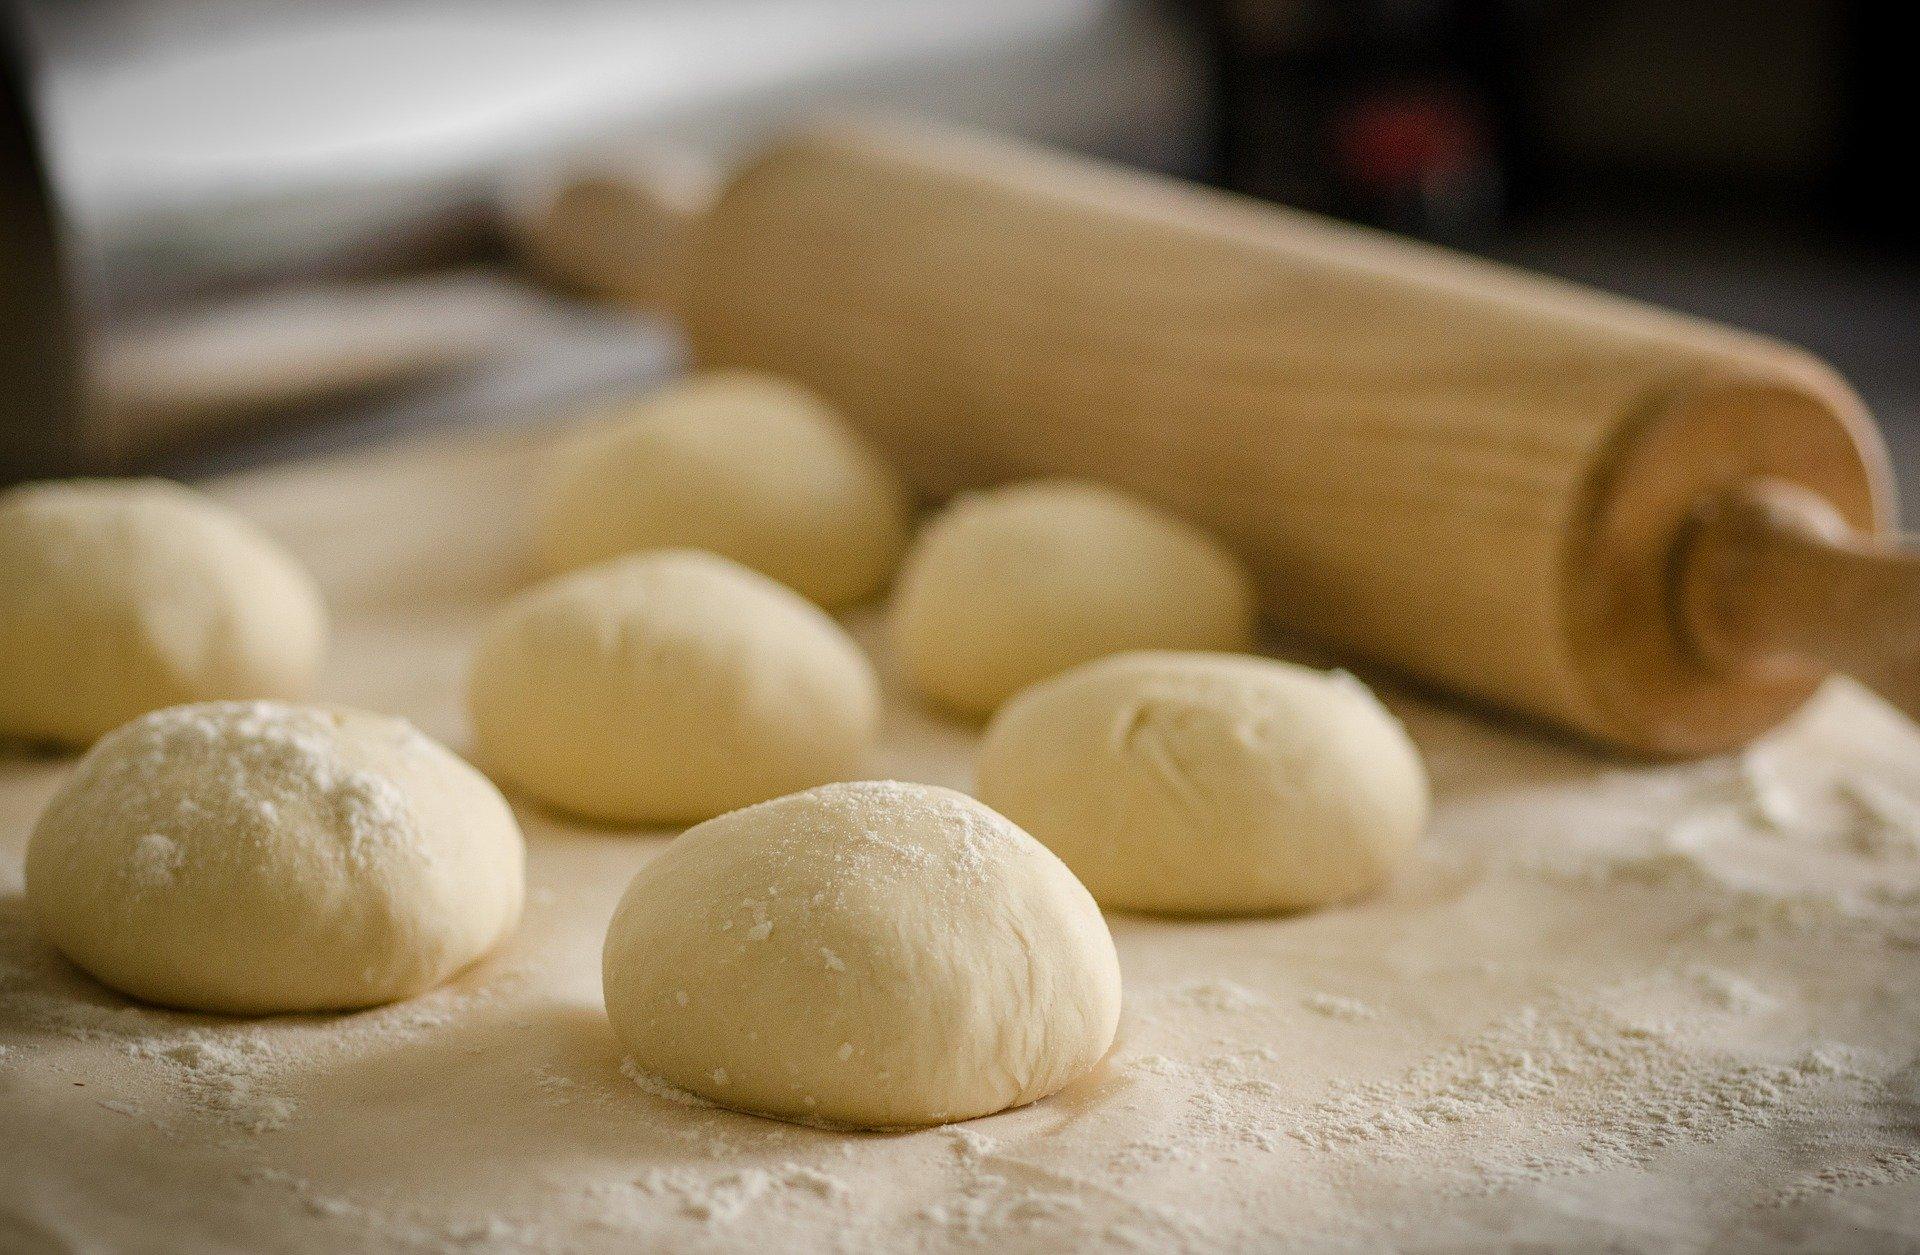 L'objectif de préparer son pain soi-même est un beau défi en ce début de printemps pour commencer à toucher du doigt le mode slow life que nous nous sommes fixés.